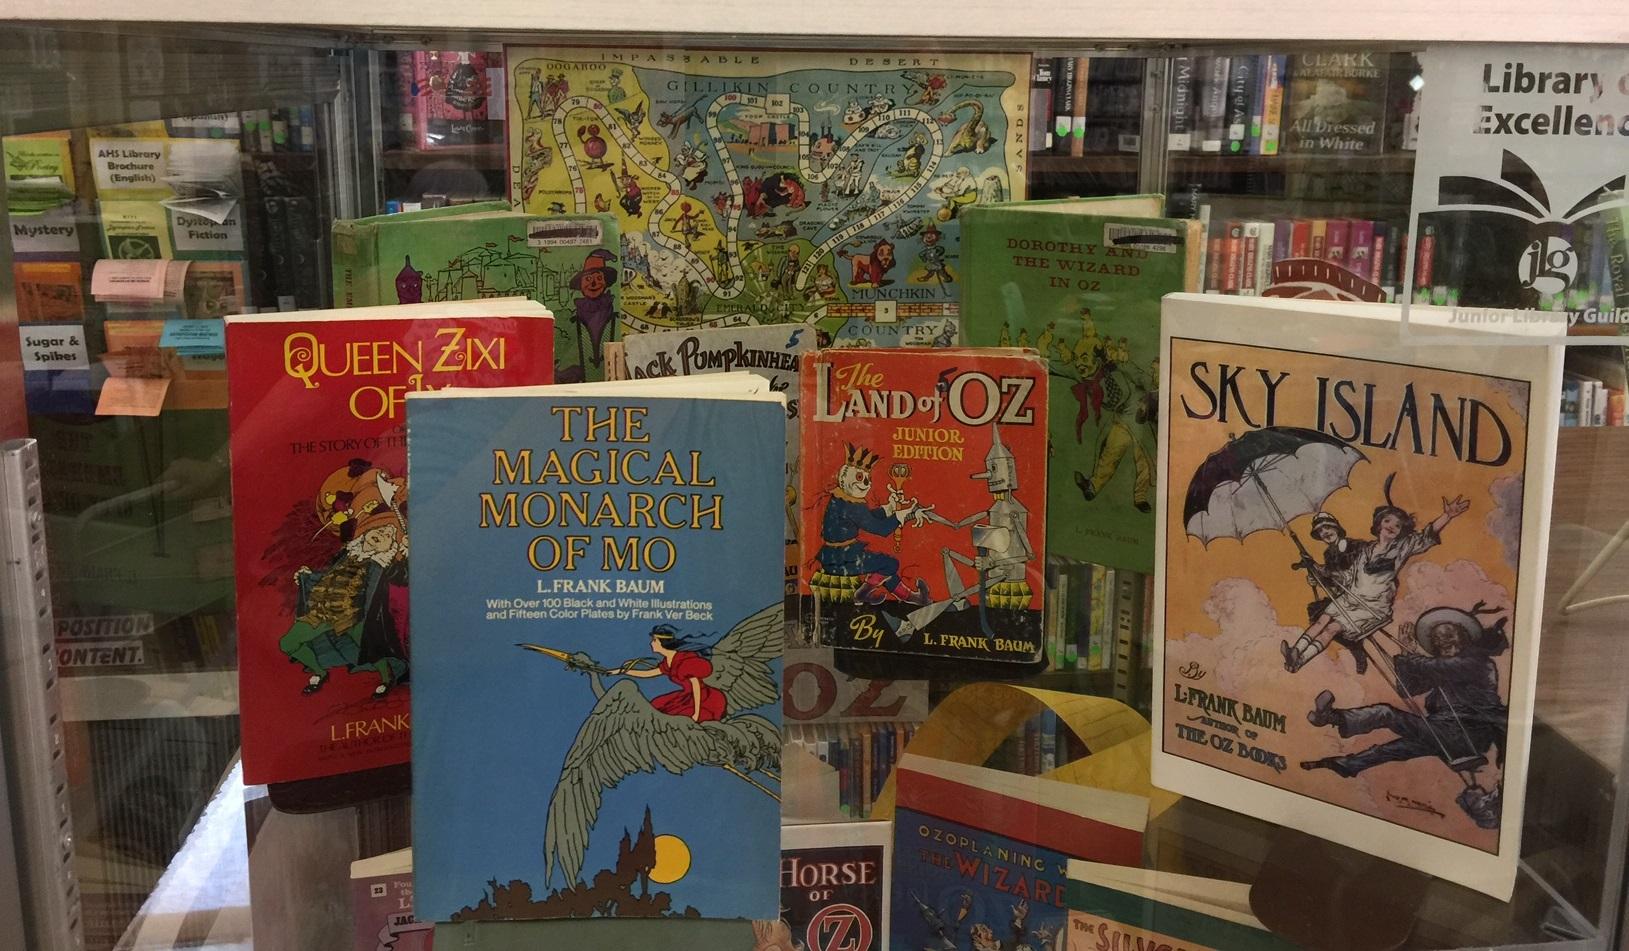 L. Frank Baum's original books